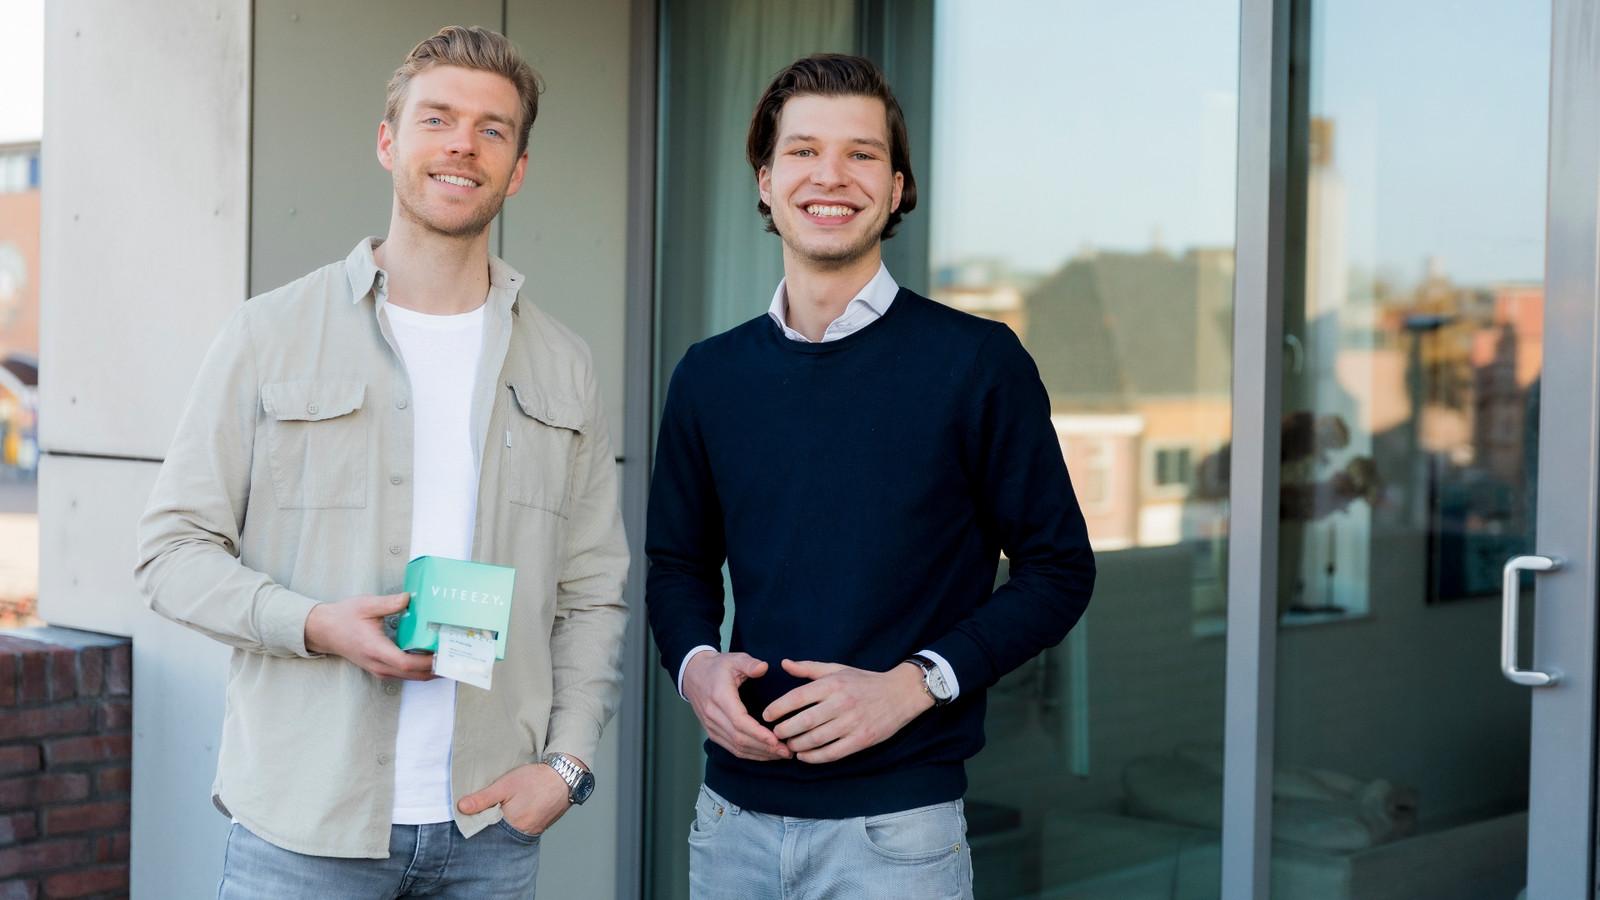 Frans Peters (28) en Bas van Klaveren (26) van Viteezy.